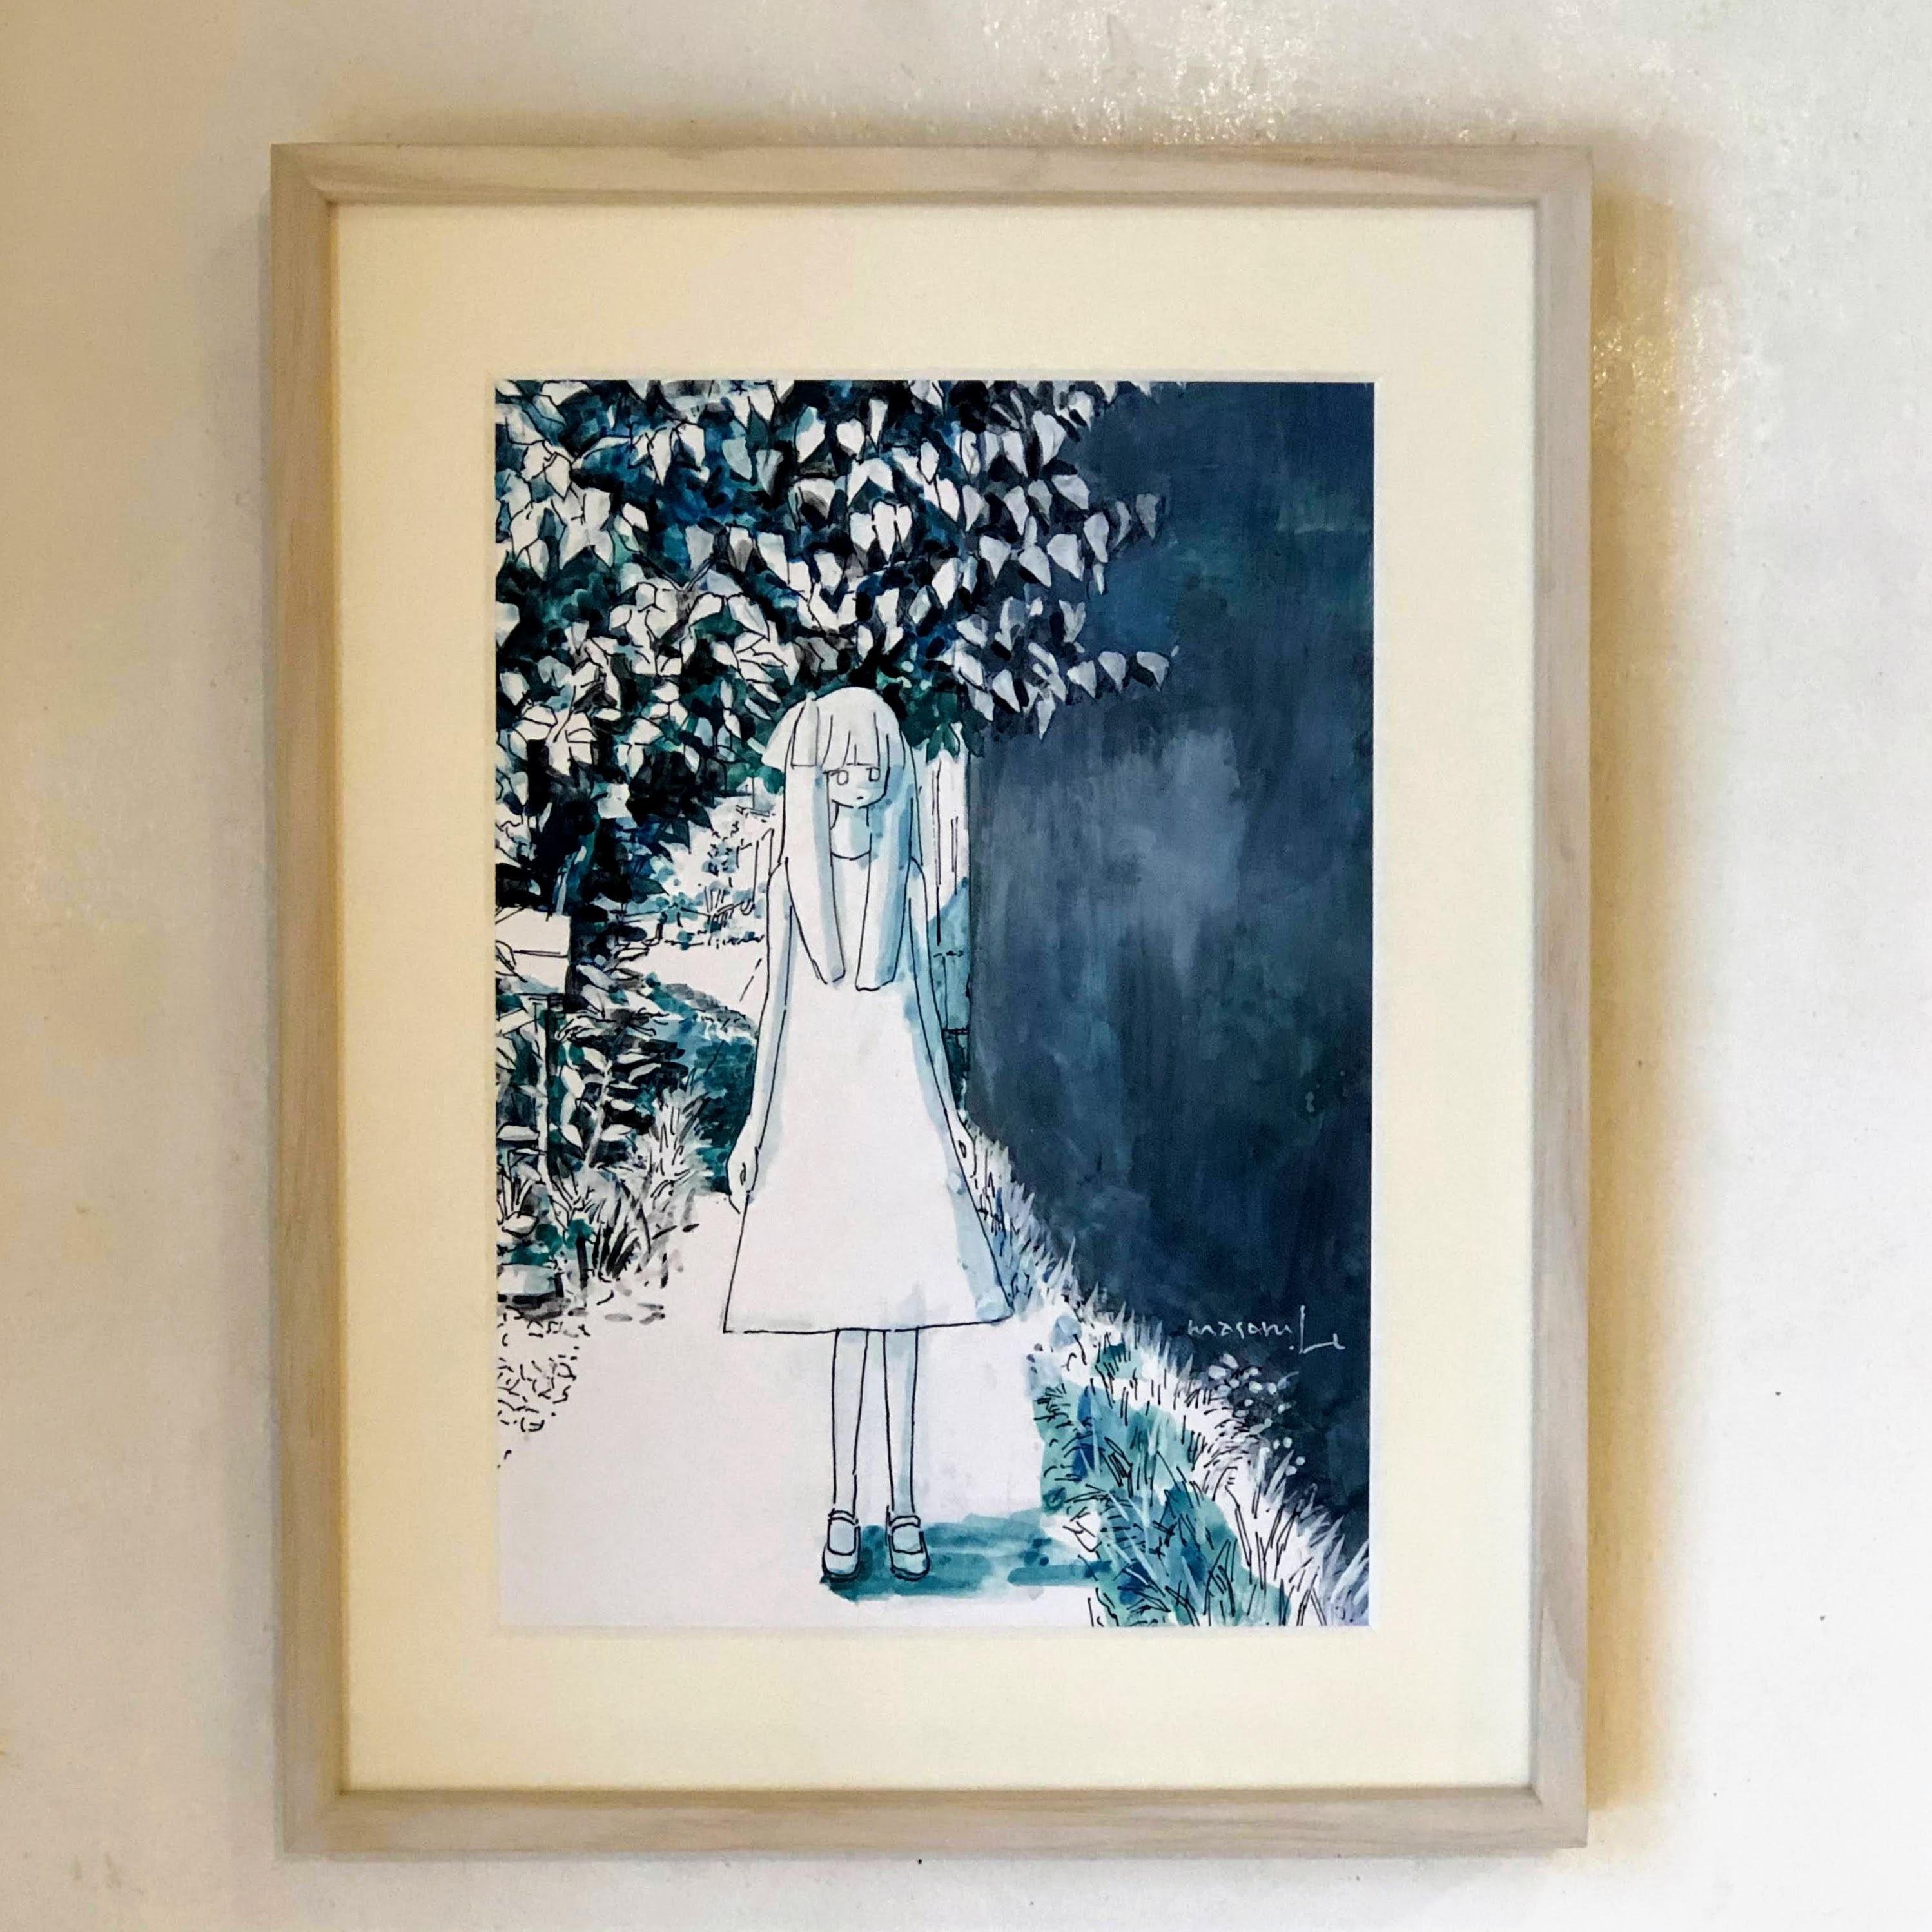 イノウエマサル(井ノ上豪)「照り続ける中の散歩」